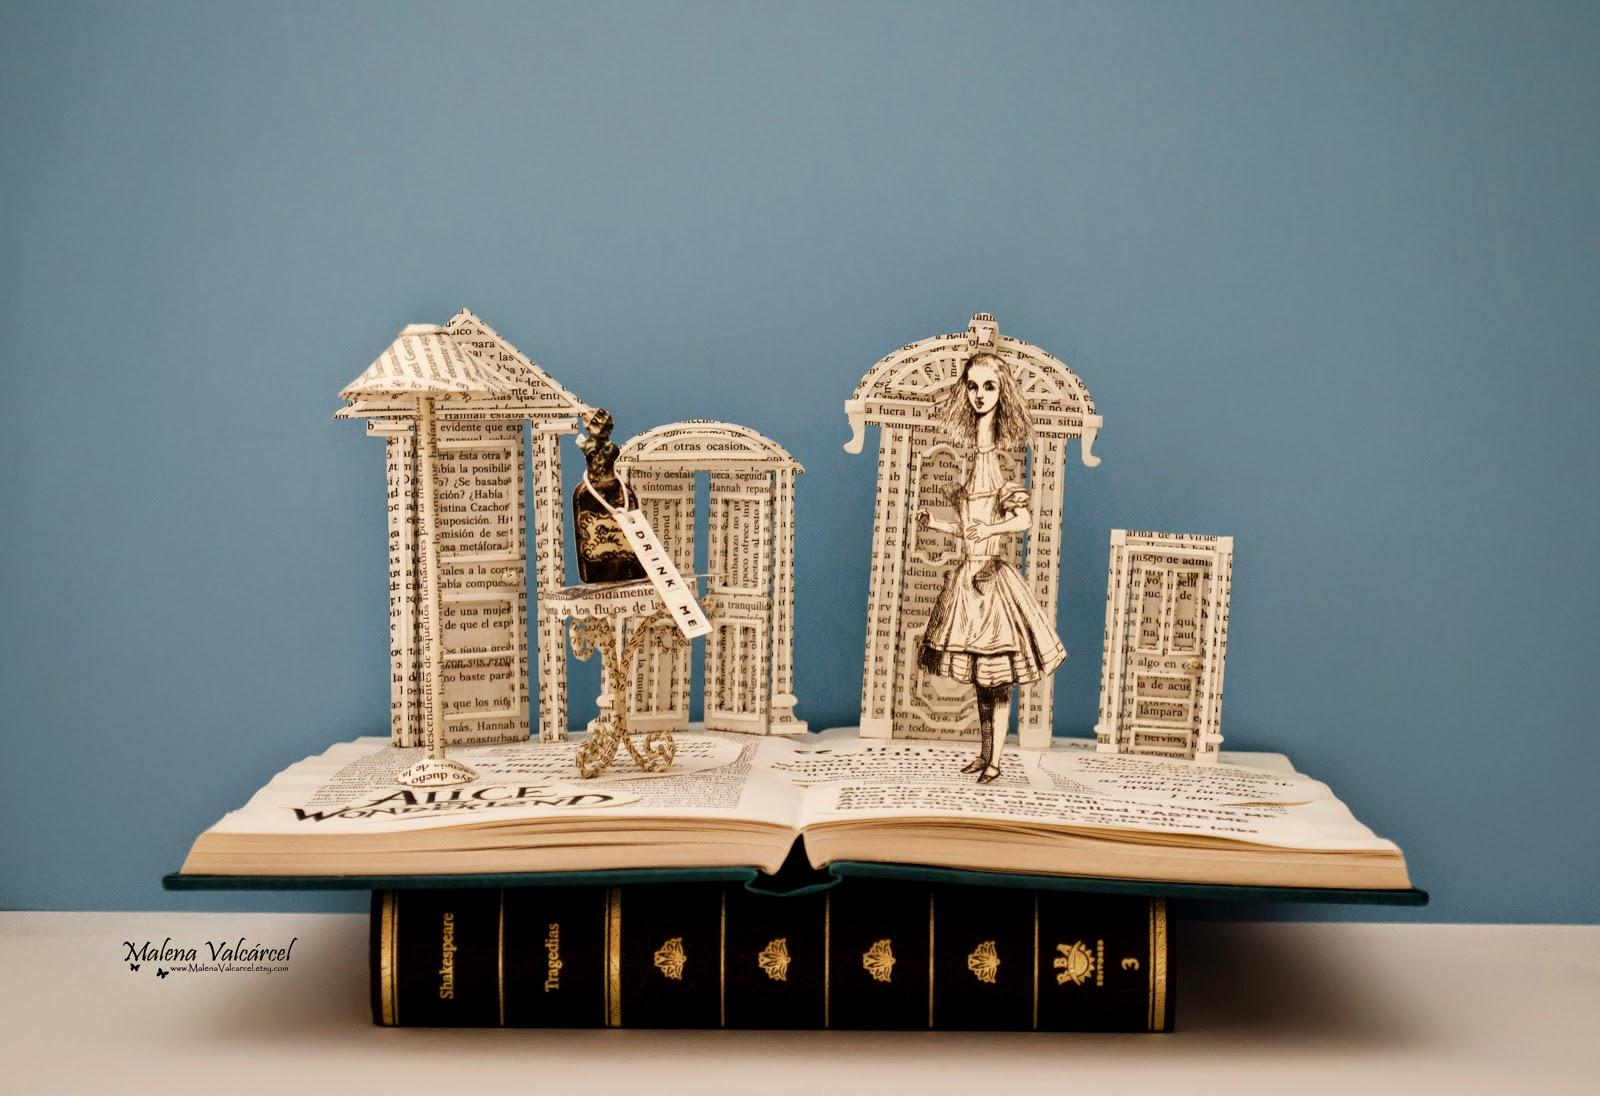 alicia-en-el-pais-de-las-maravillas-arte-con-libros